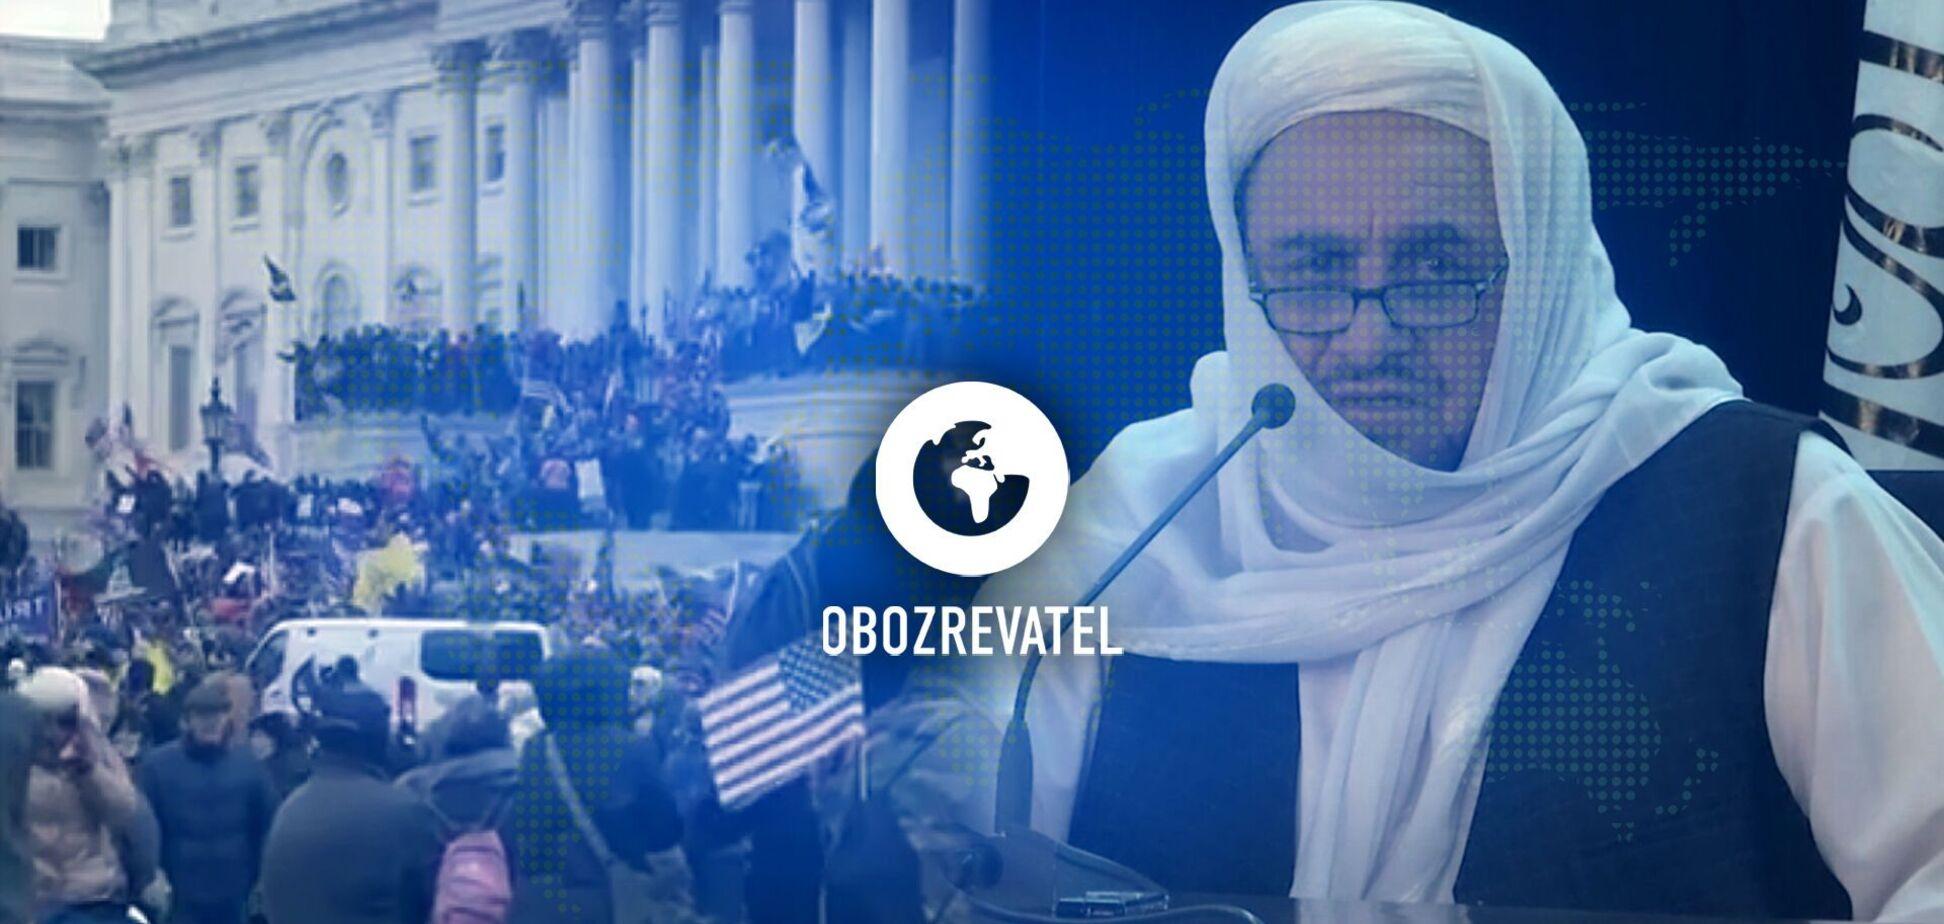 Под Капитолием в Вашингтоне установят ограждение, а в Афганистане раздельное обучение для женщин и мужчин – дайджест международных событий